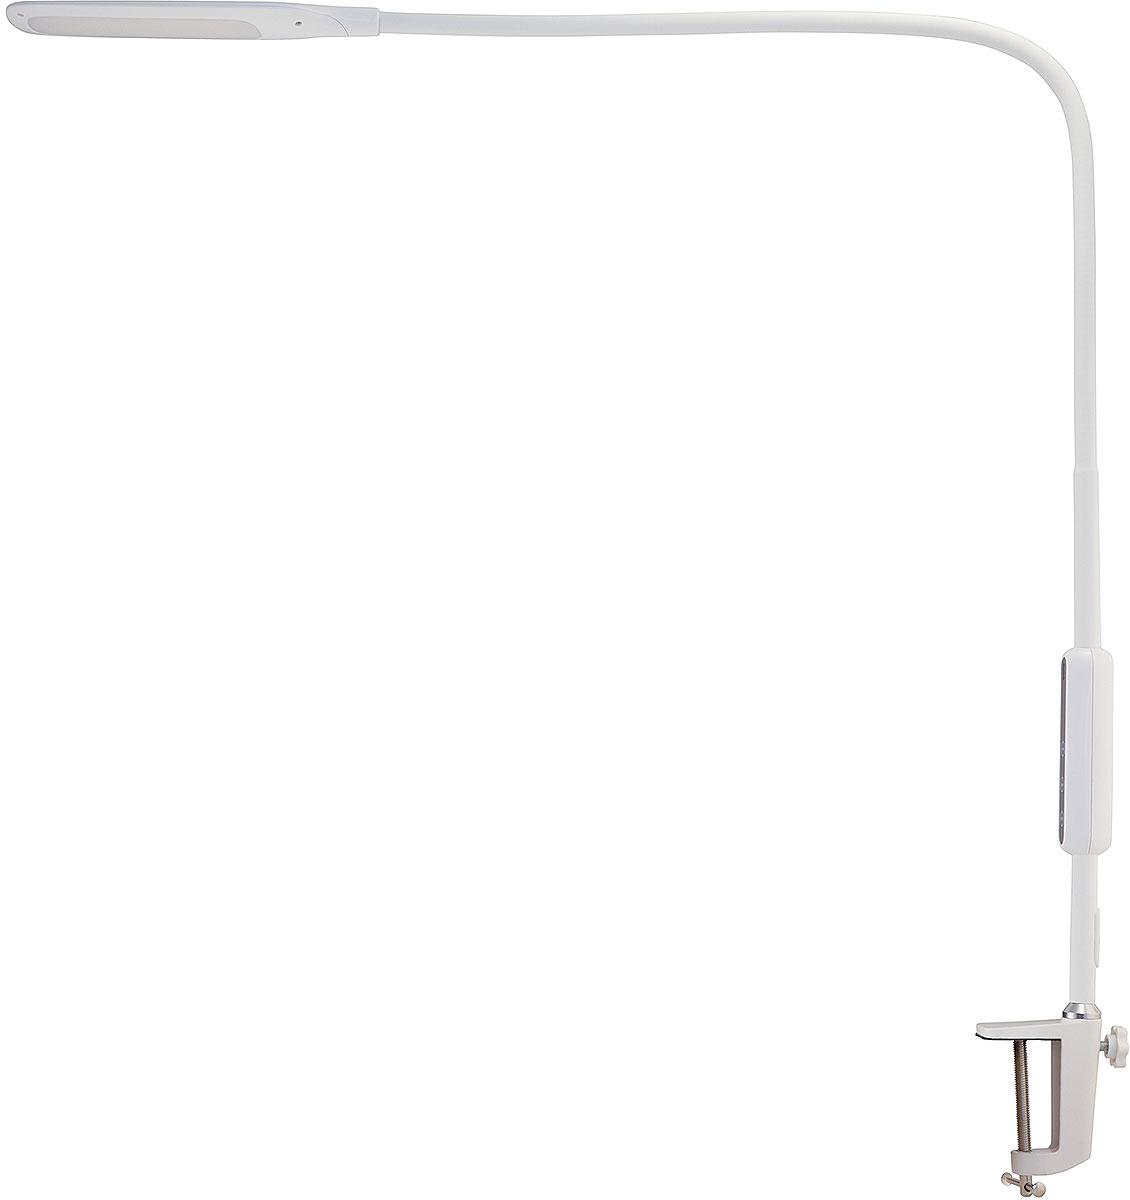 Светильник настольный Лючия L570 Fleksa, светодиодный, 9 Вт, цвет: белый